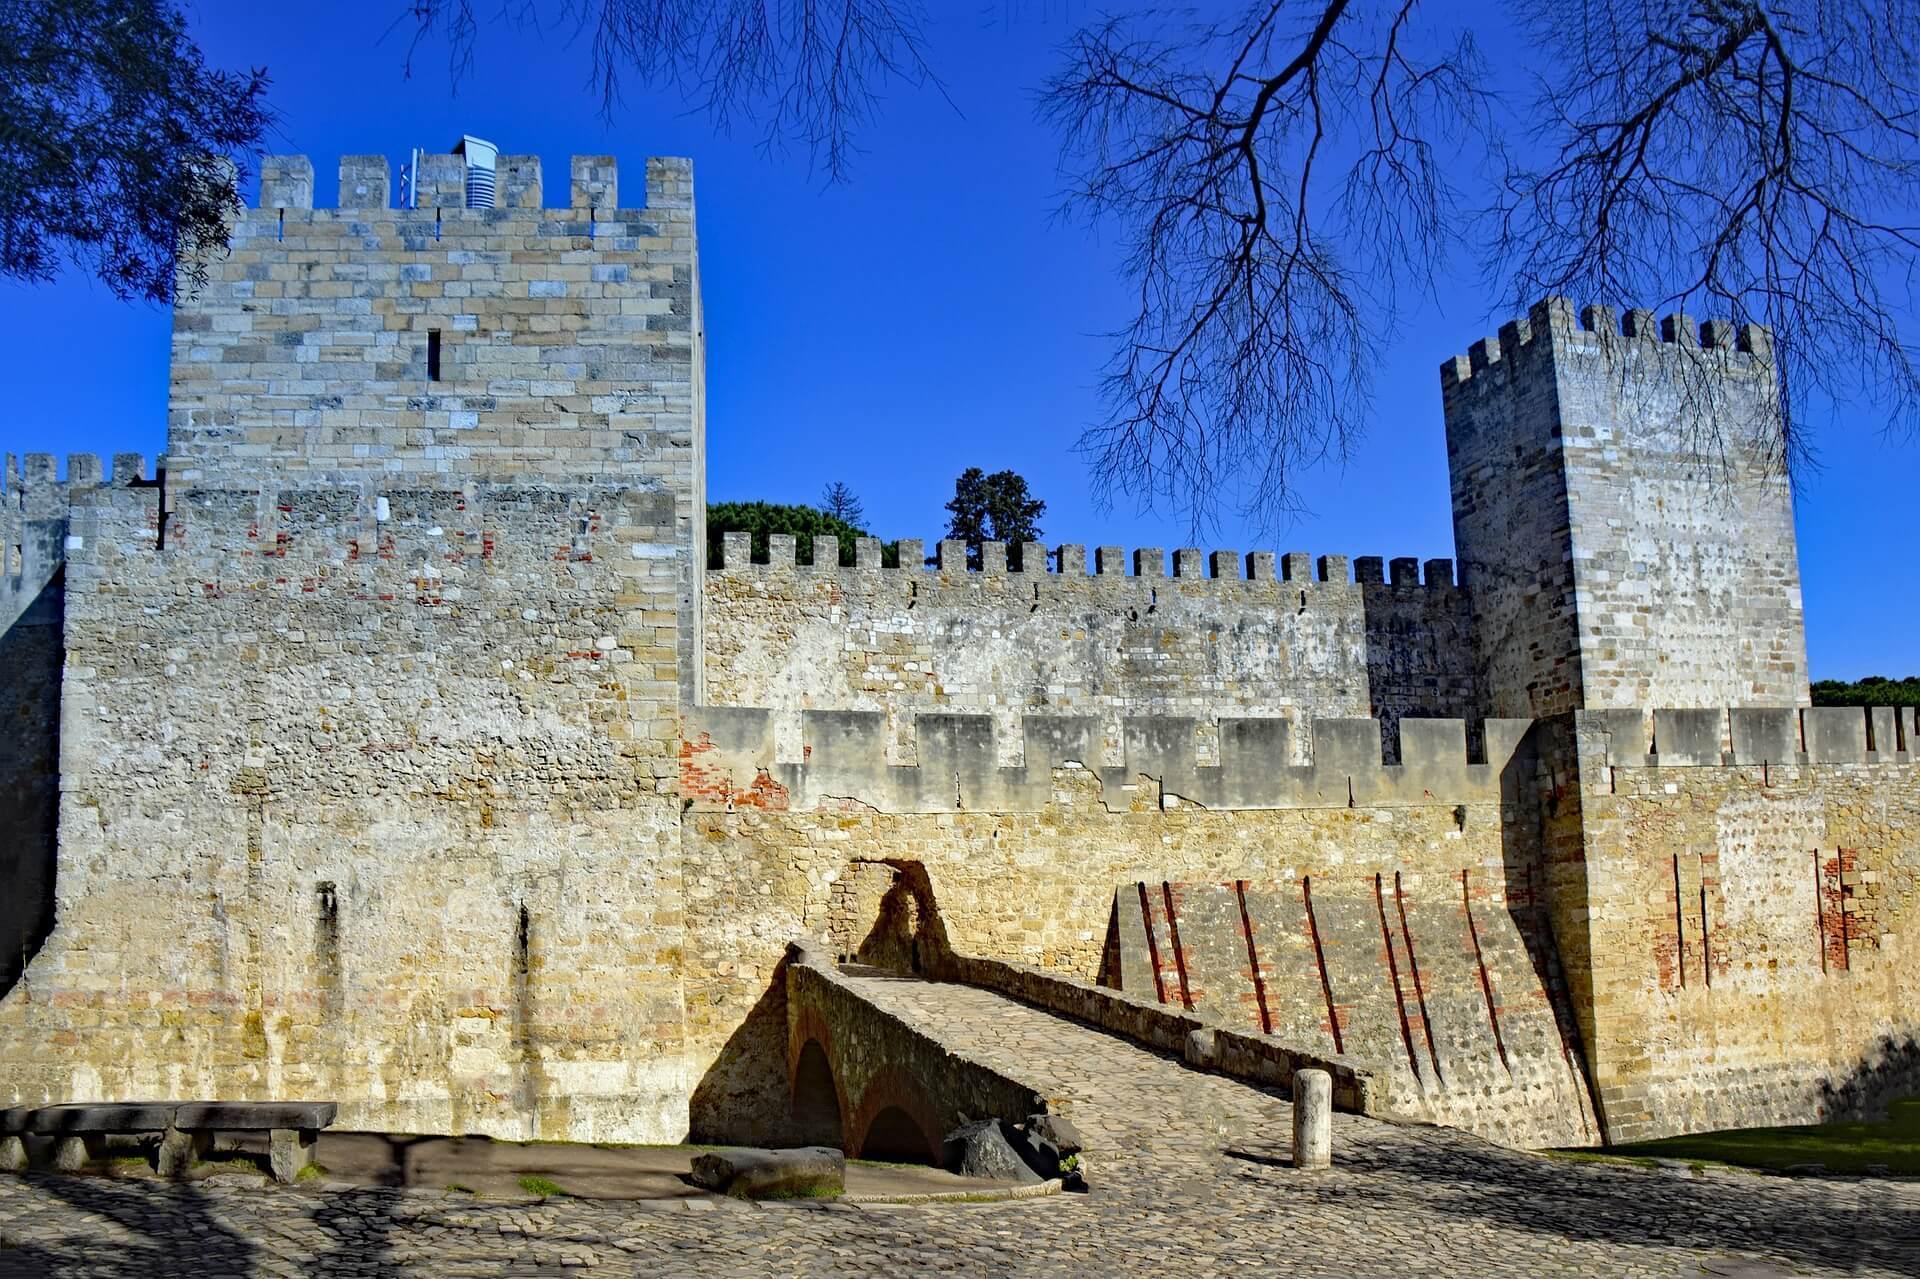 Sao Jorge Castle, Lisbon